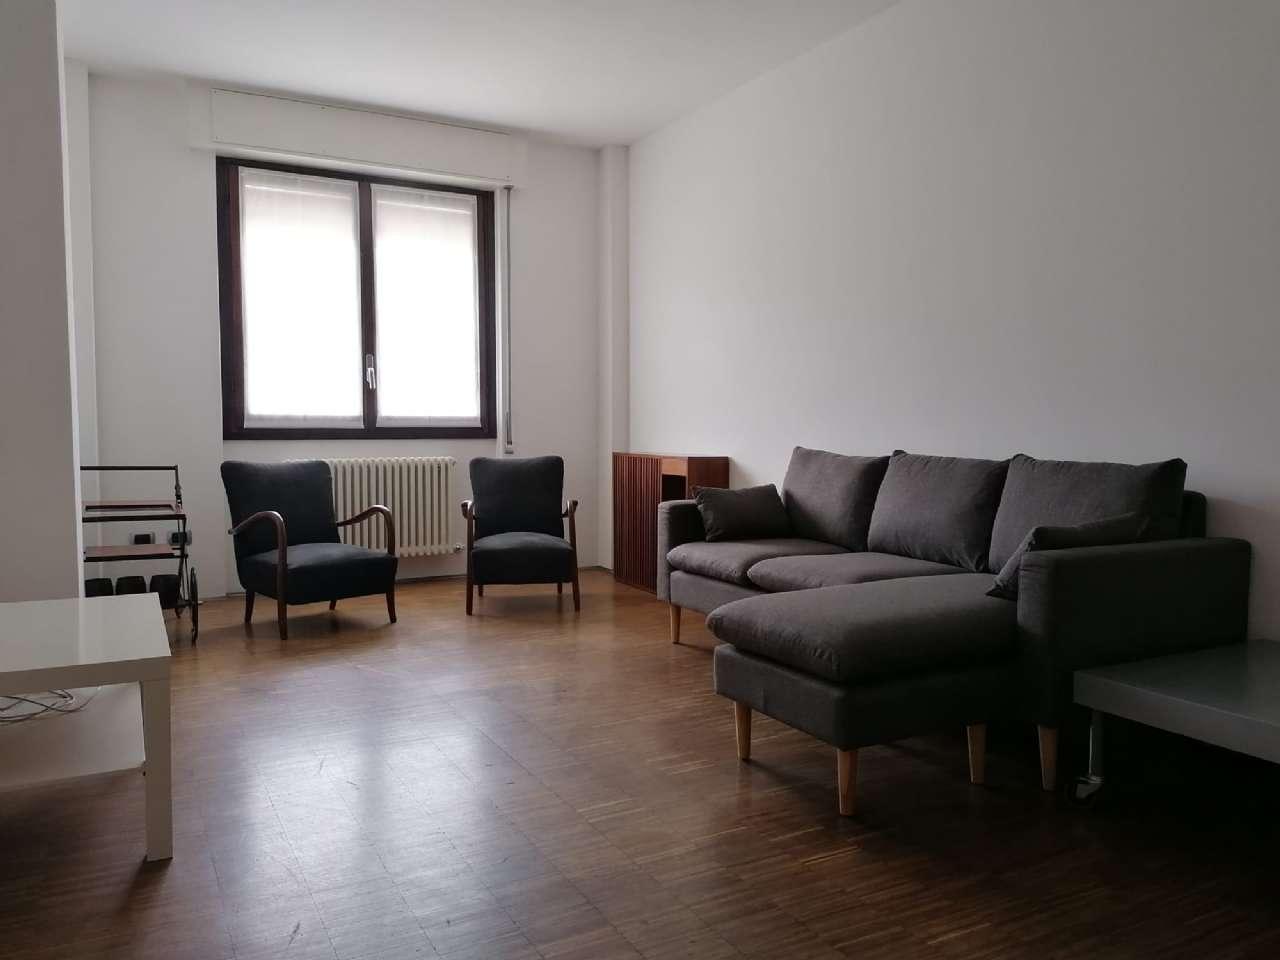 Appartamento in affitto a Sondrio, 2 locali, prezzo € 550 | PortaleAgenzieImmobiliari.it